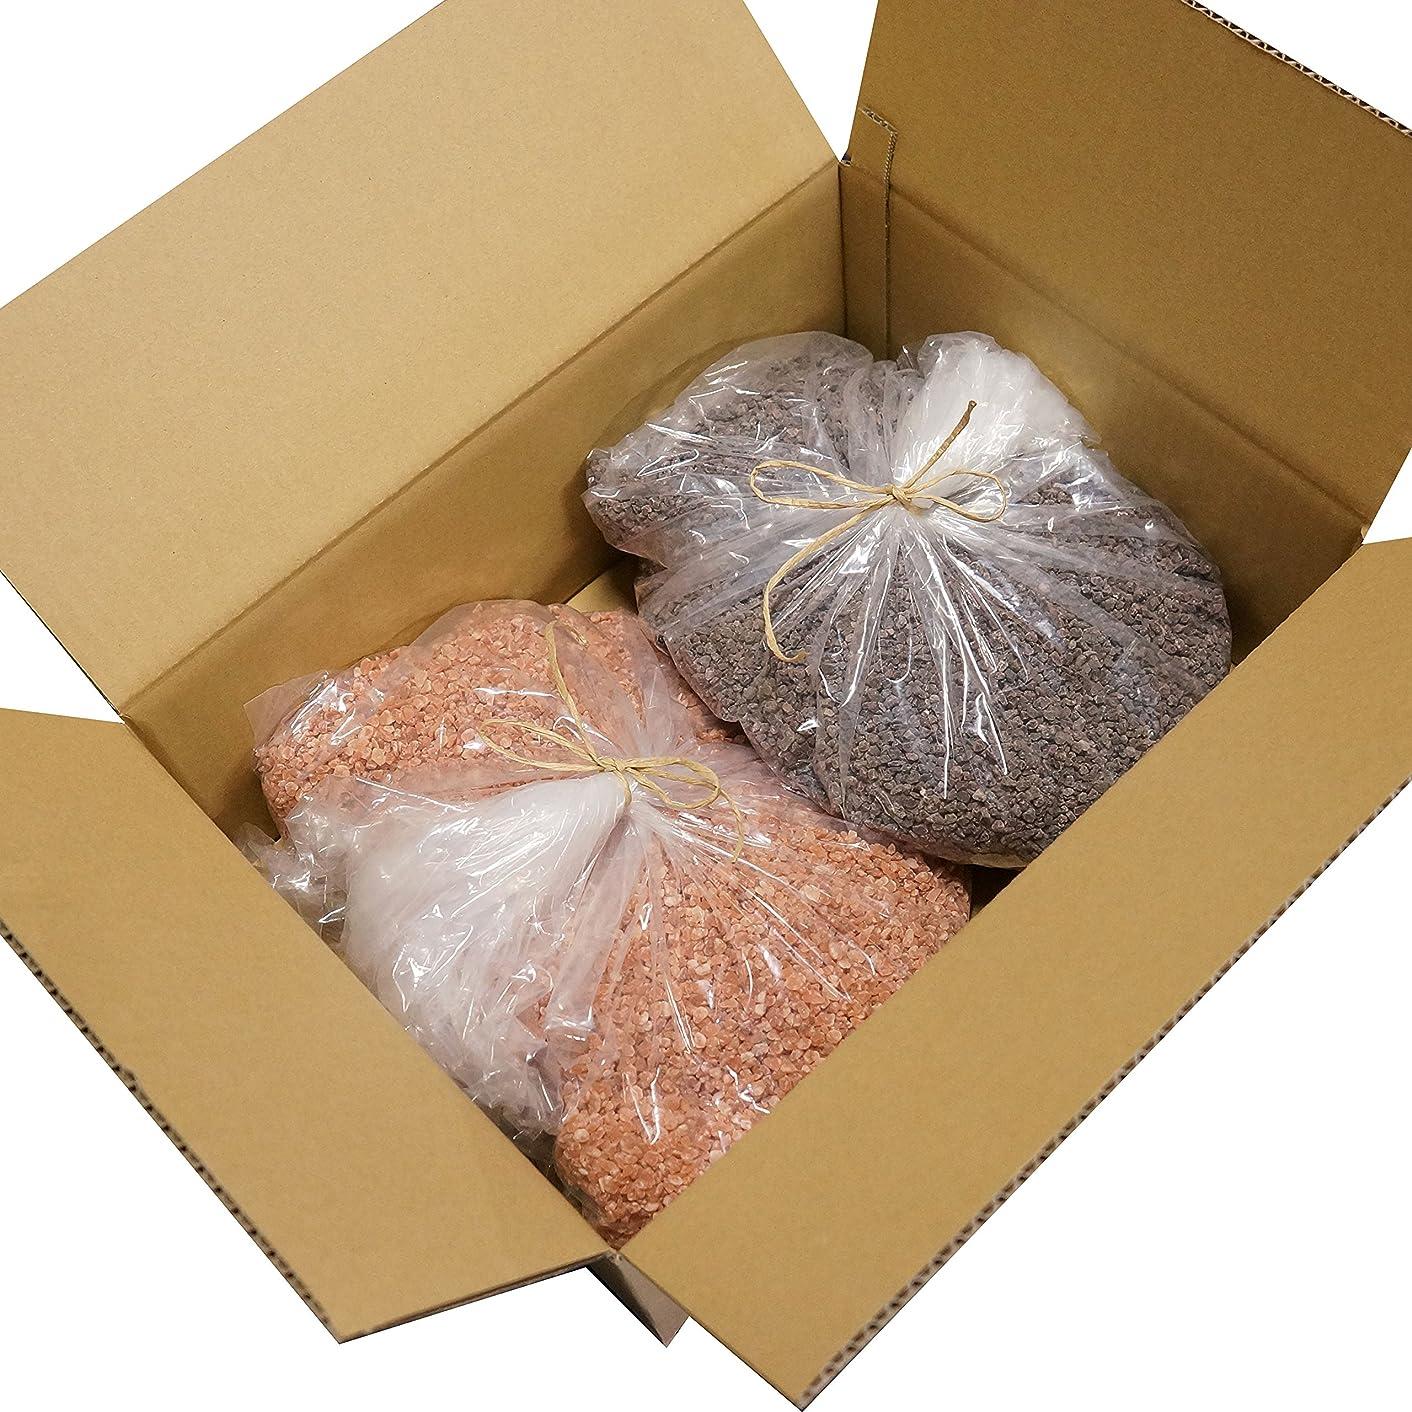 化学発信断言するヒマラヤ岩塩 ピンク ブラック グレイン 各 10,000g 20kg 粗粒 ミル 原料